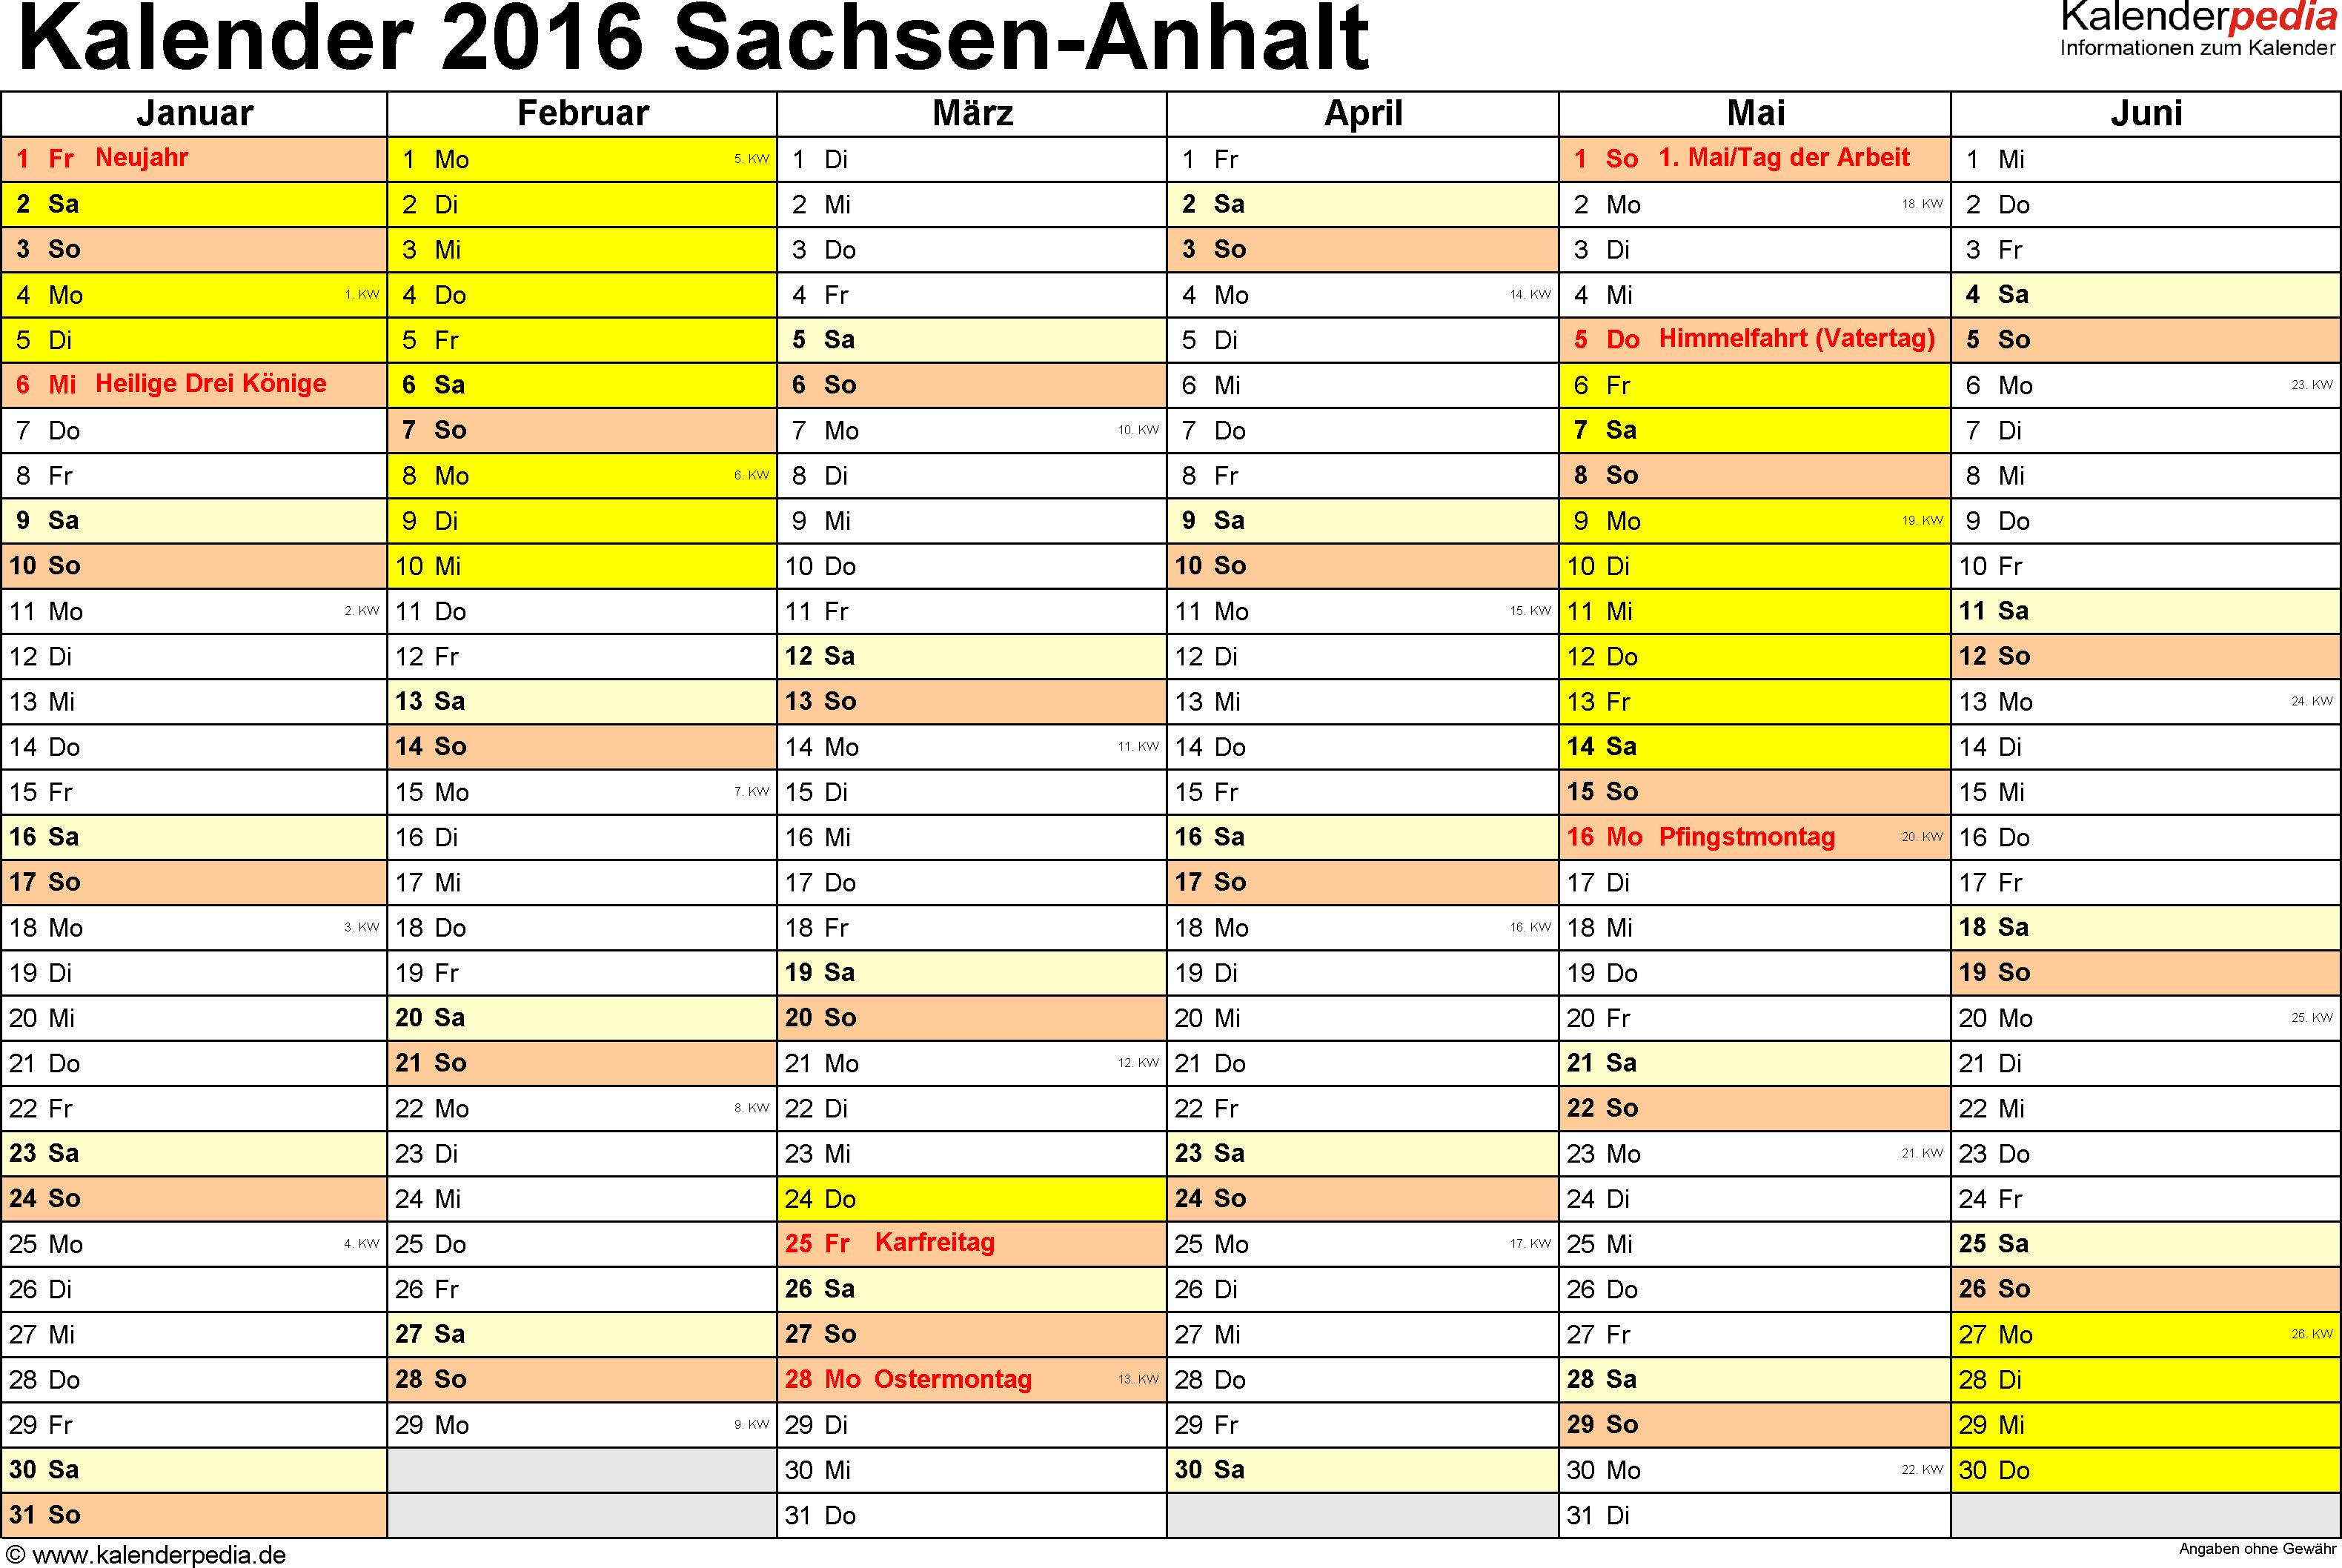 Vorlage 3: Kalender 2016 für Sachsen-Anhalt als Word-Vorlagen (Querformat, 2 Seiten)